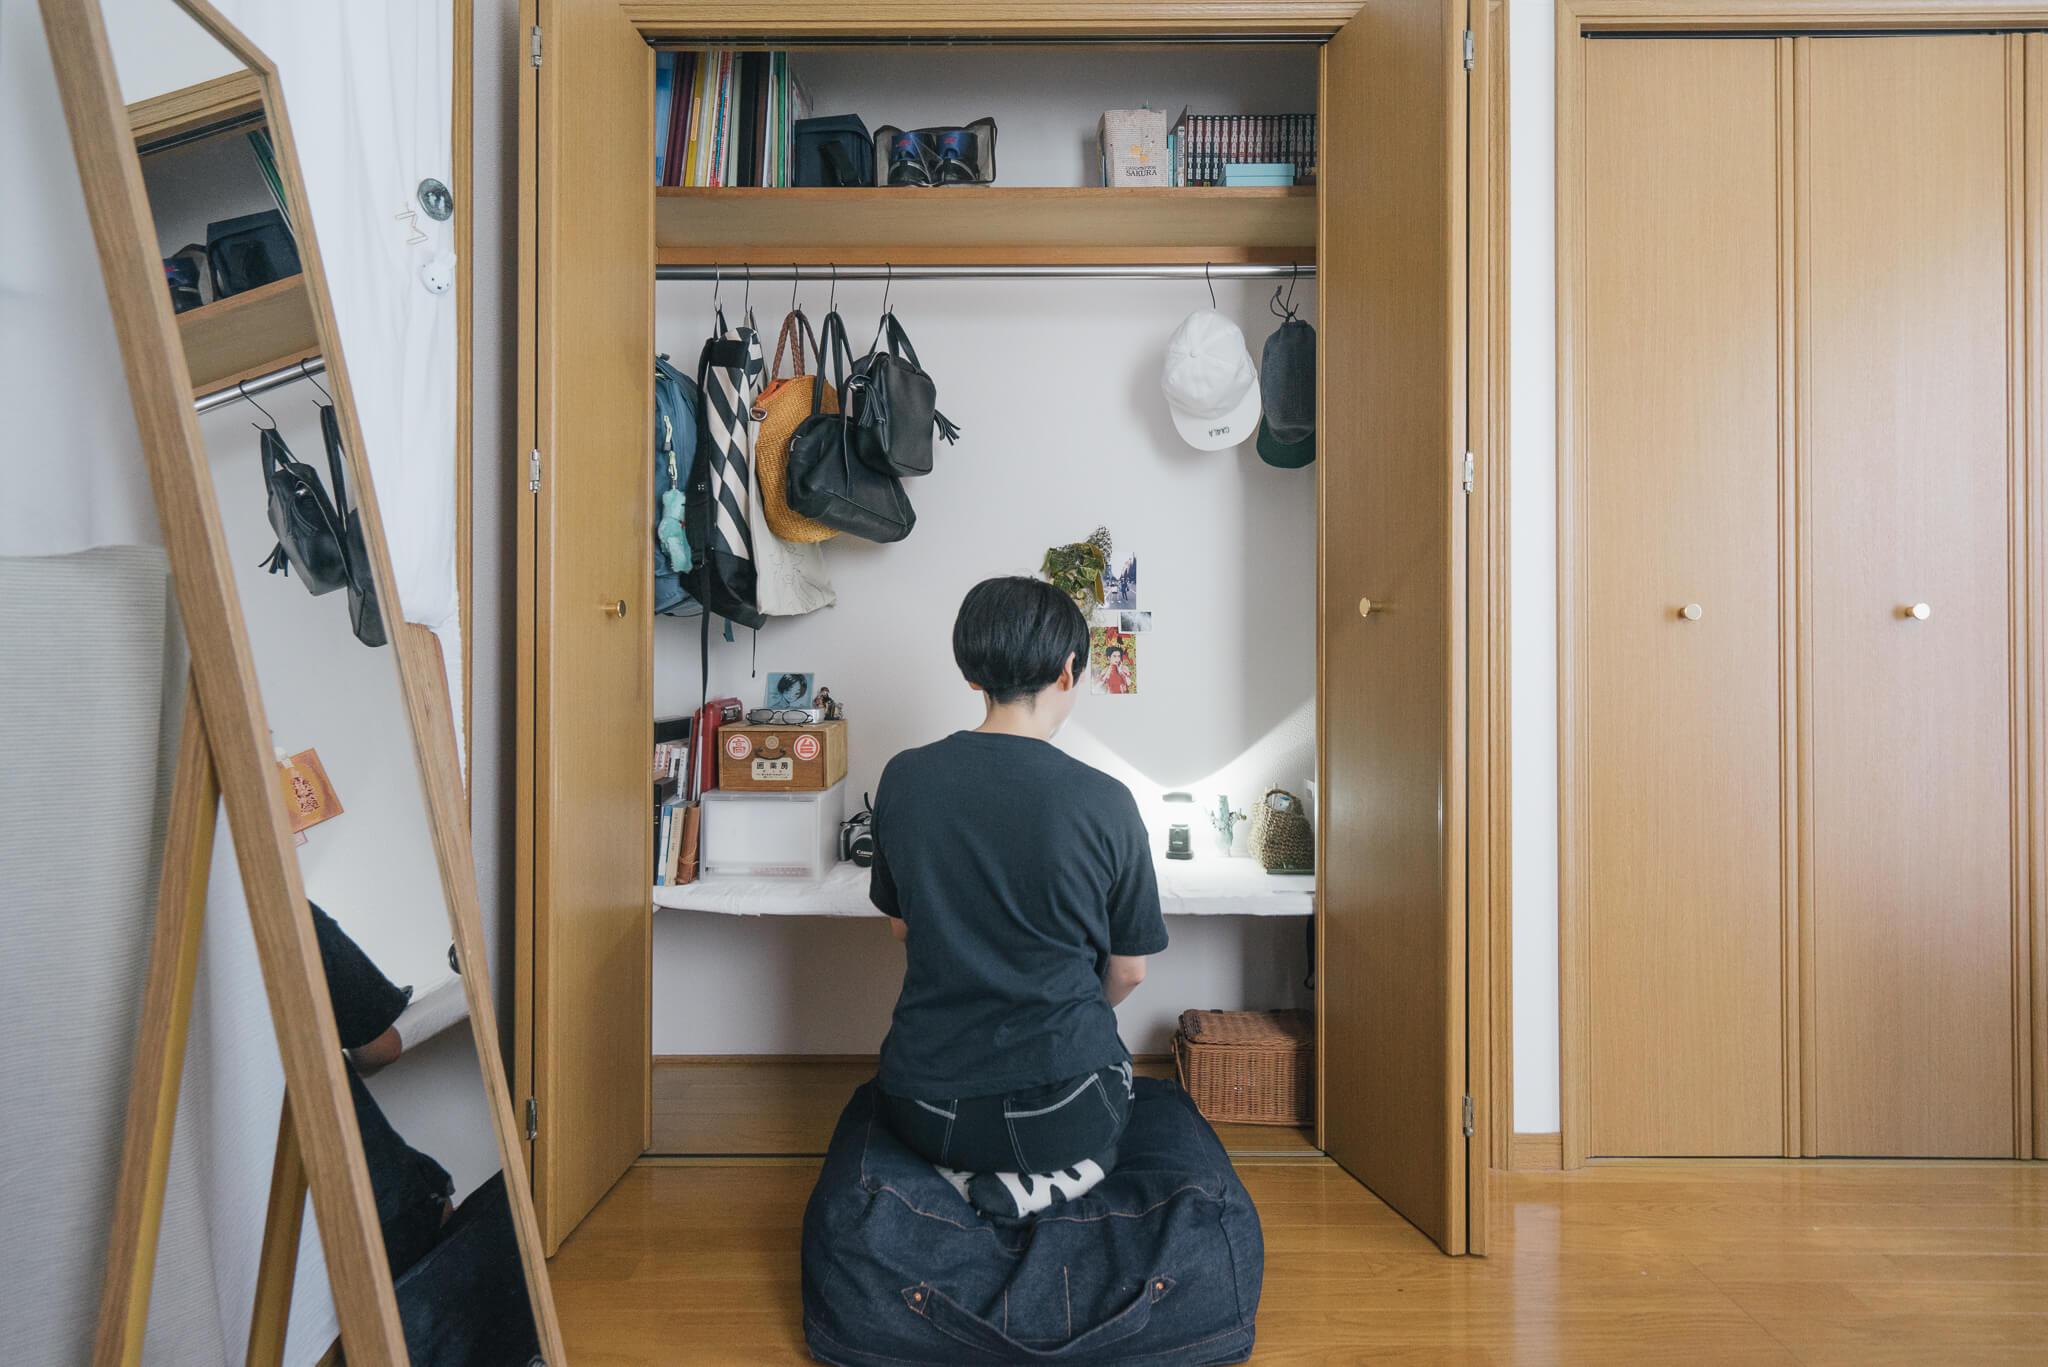 最後に、物をできるだけ少なく自然体で暮らす方のお部屋でも。